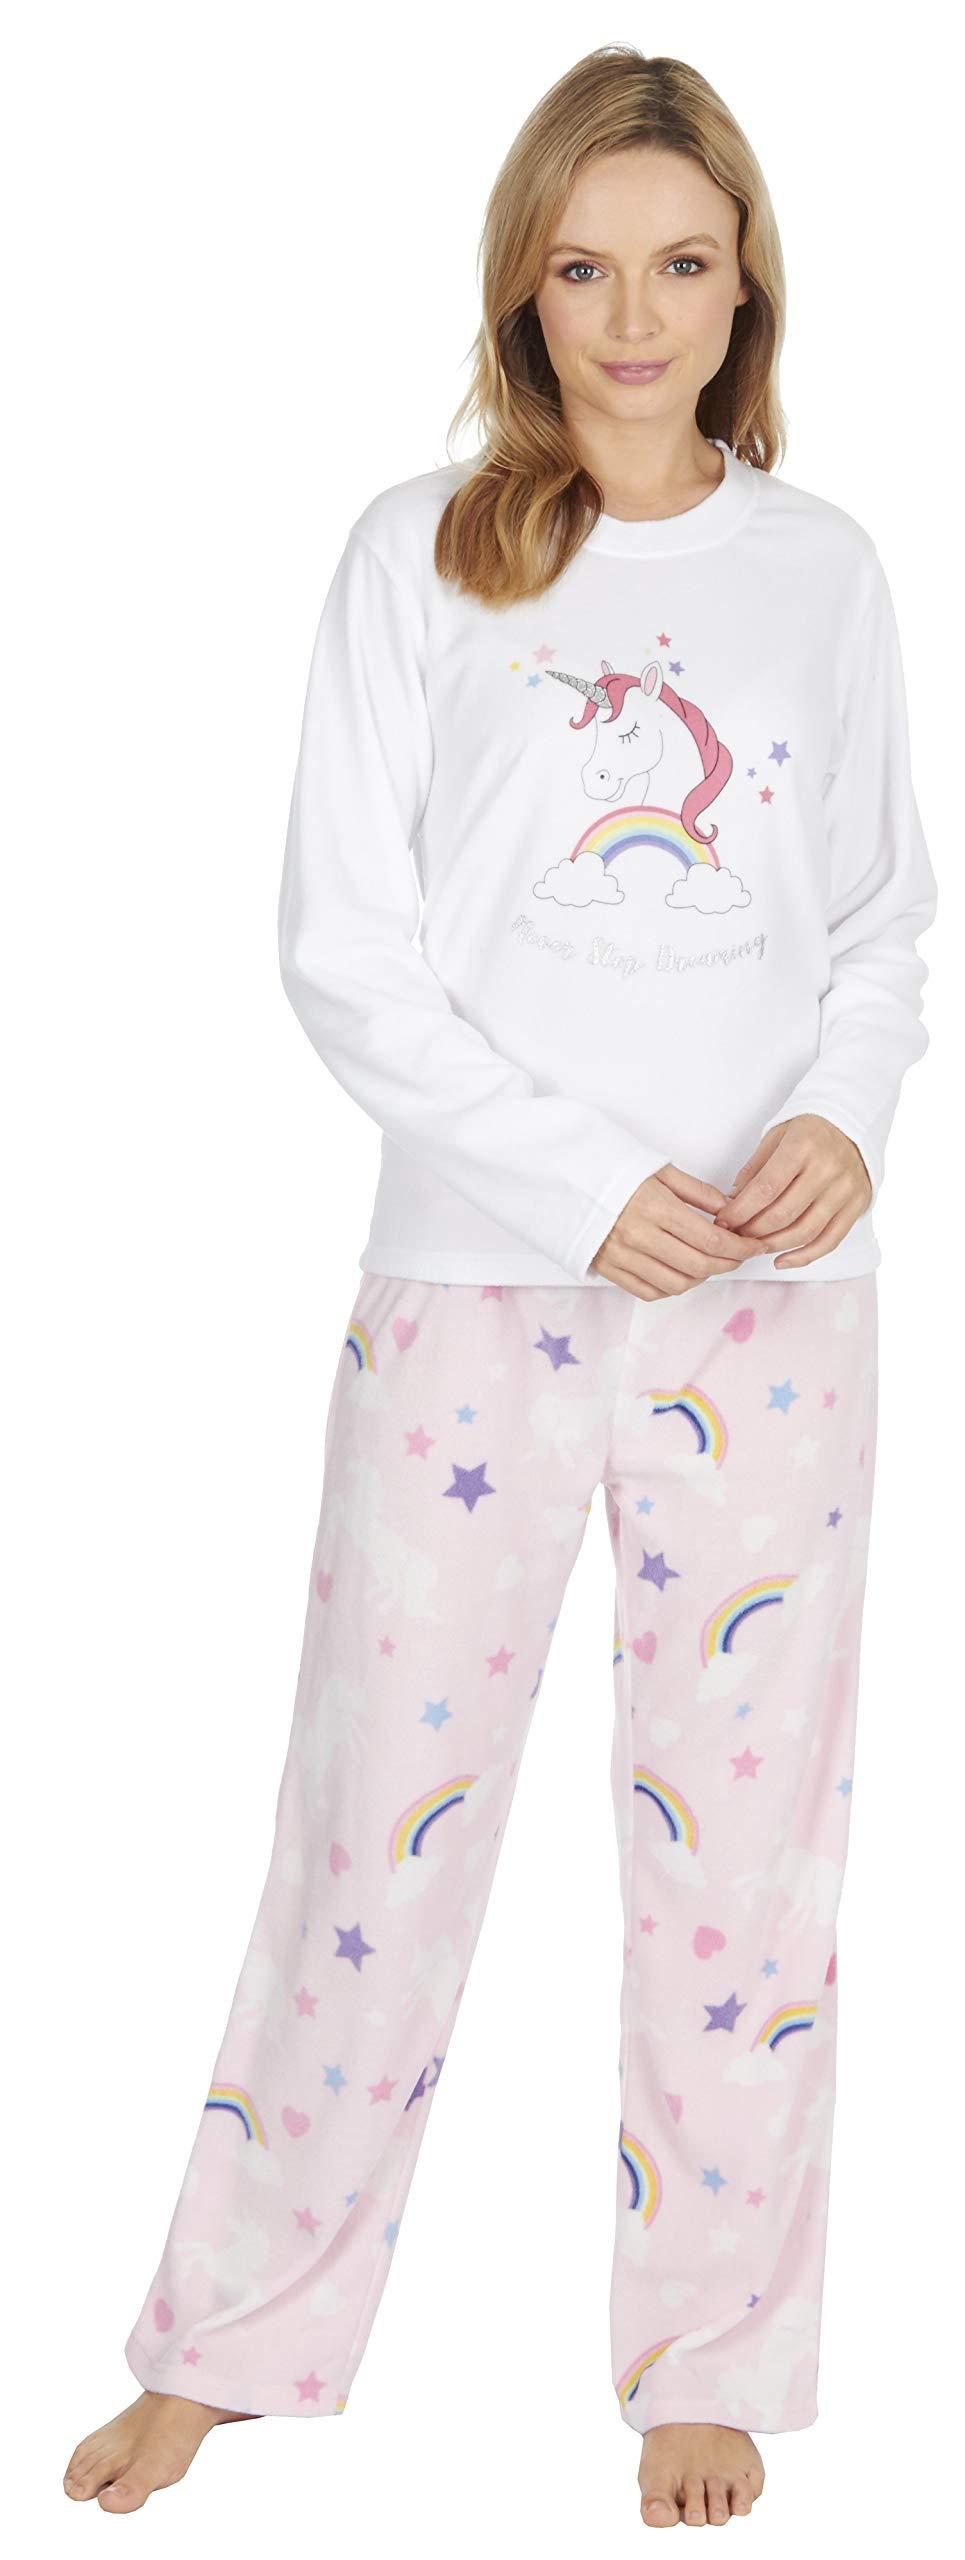 Habigail Ladies Girls Pyjamas PJs for Women Cozy Warm Fleece Twosie Pajama Set Mum /& Daughter Matching Pajamas Sets